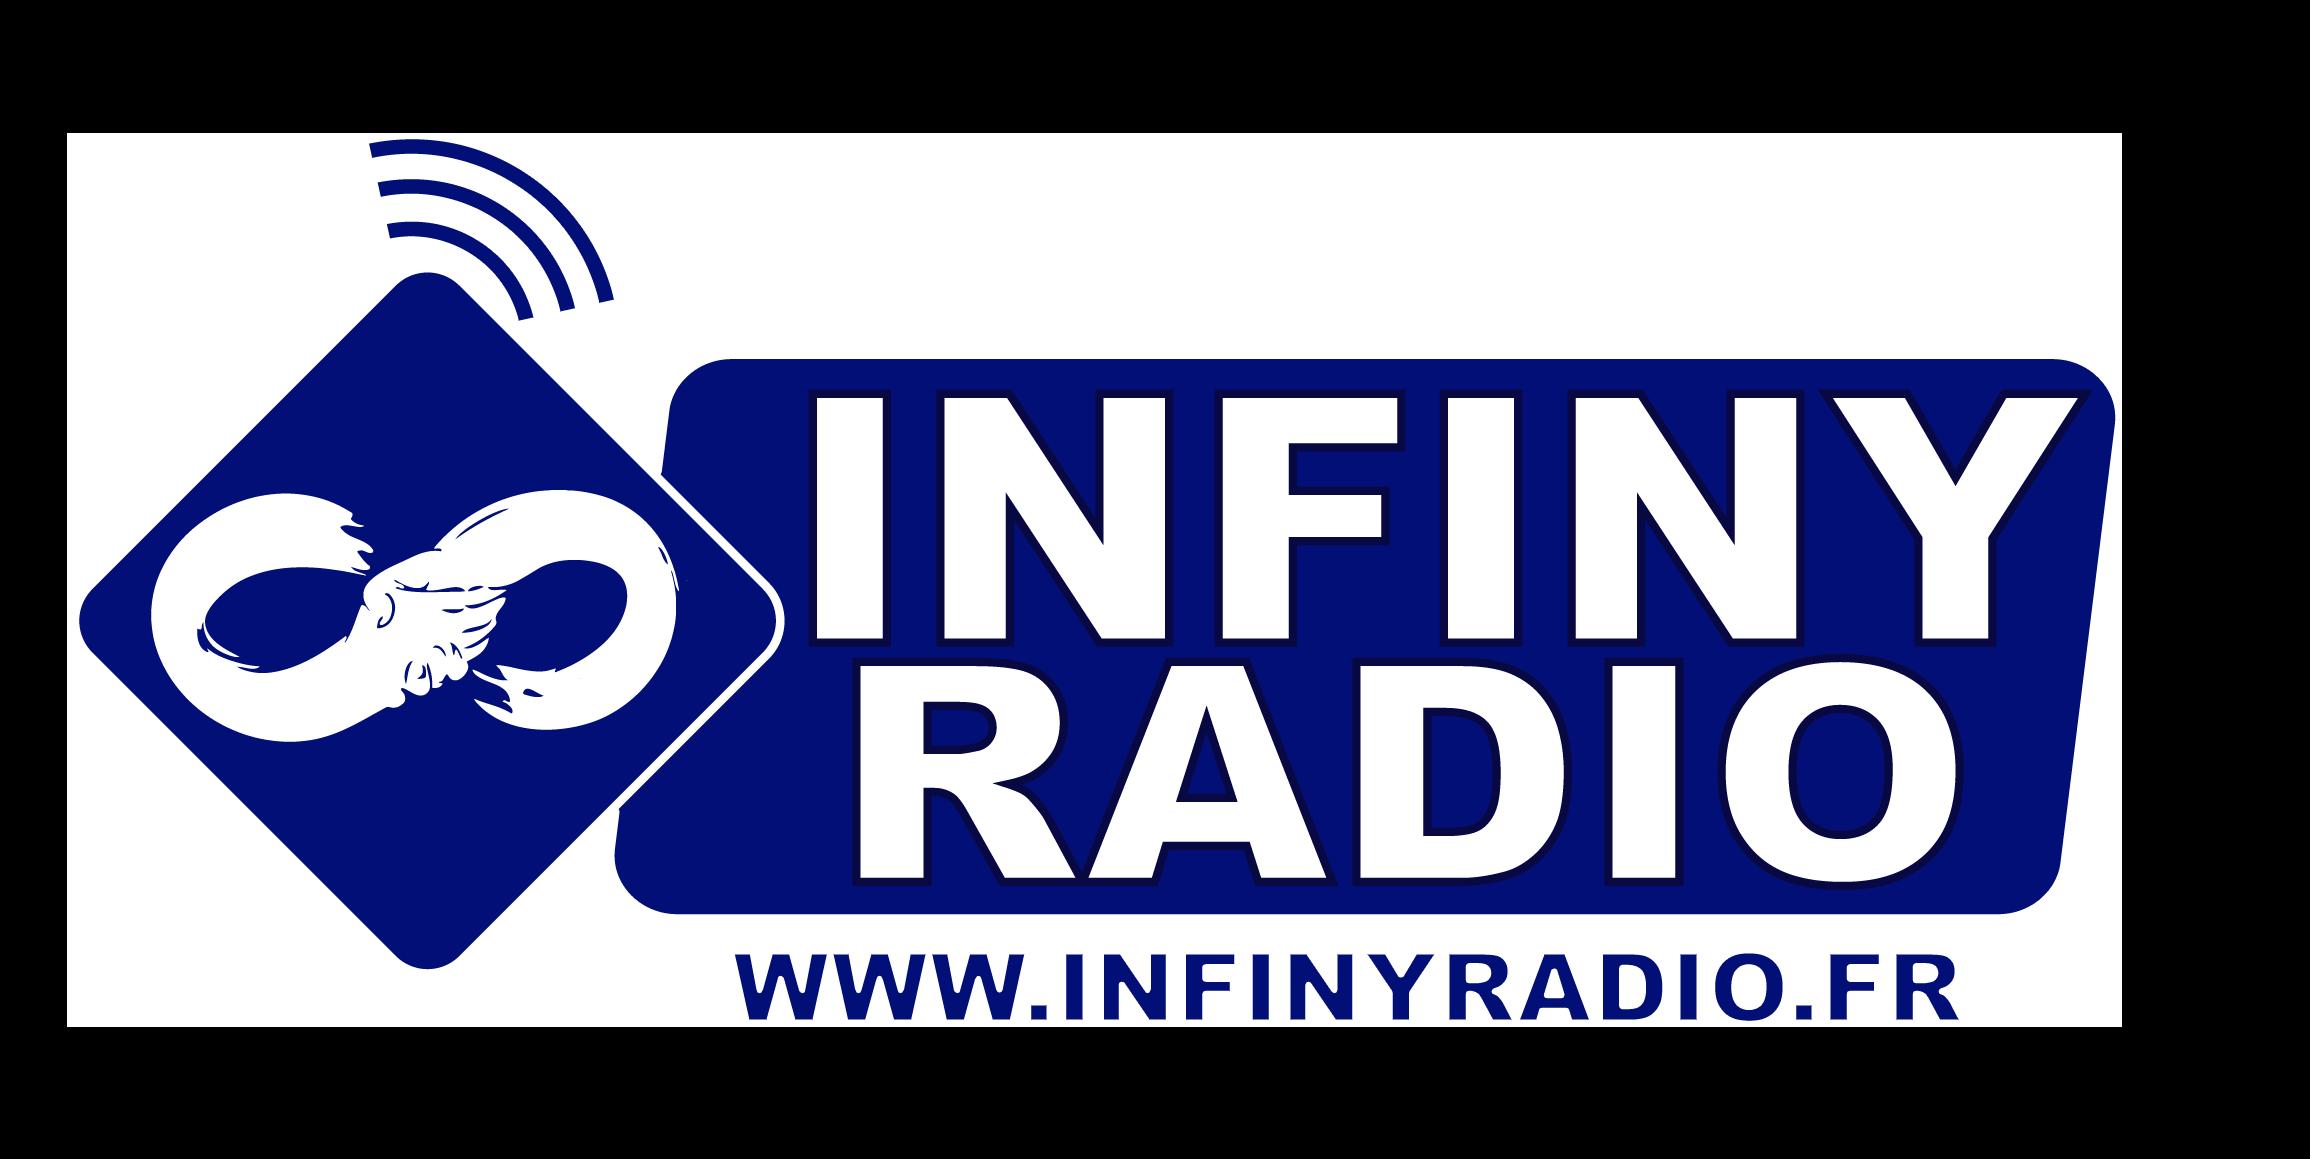 Recrutements Infiny Radio